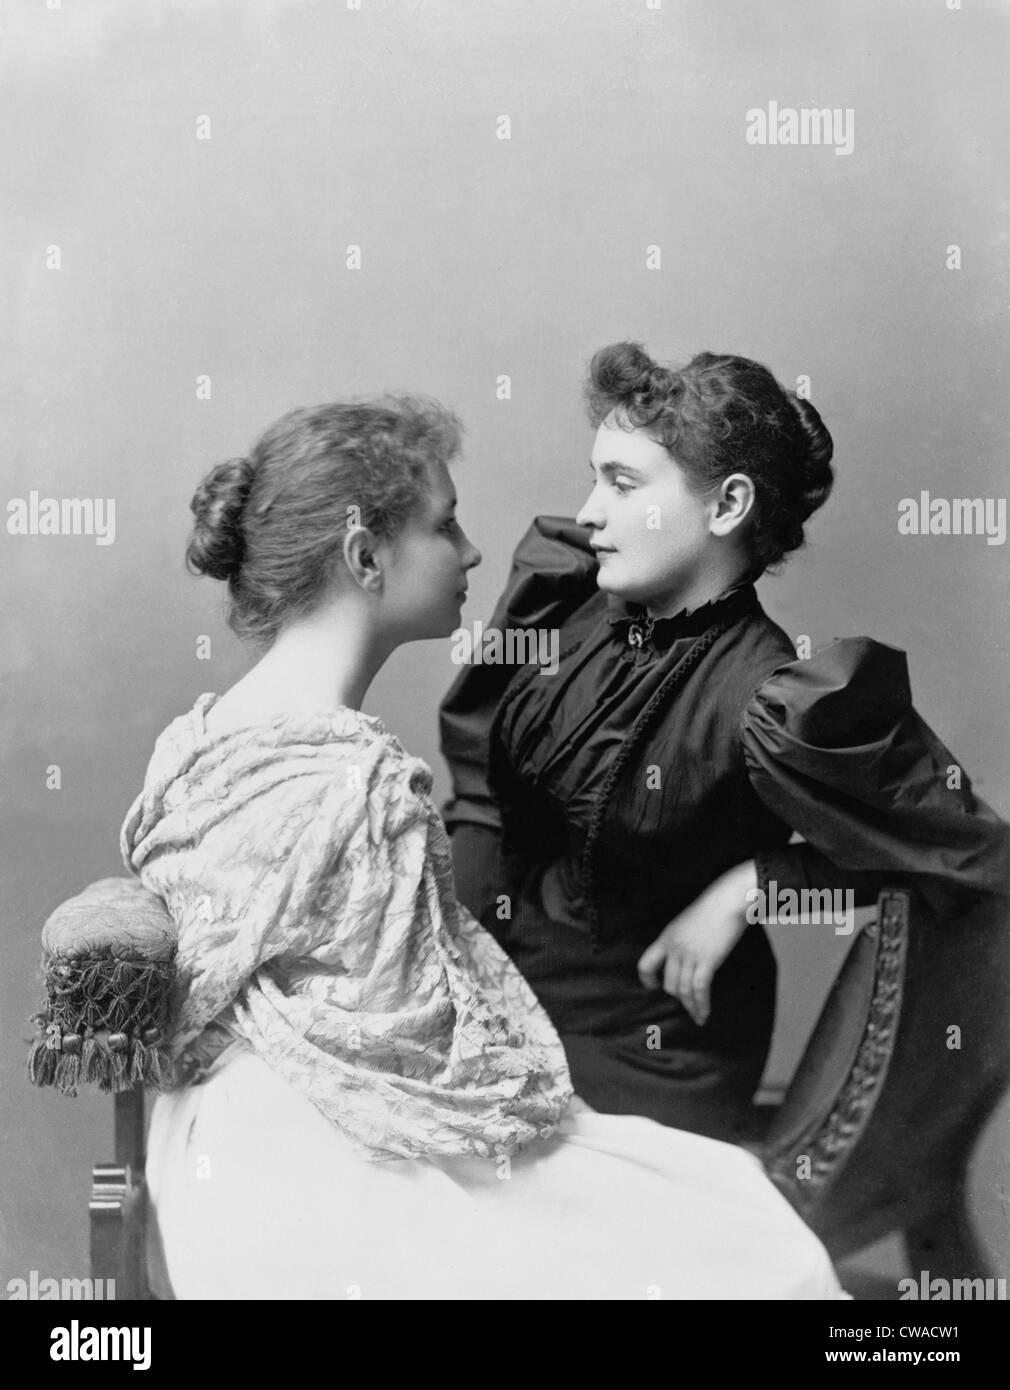 Helen Keller (1880-1968) y su maestro dedicado, Anne Sullivan (1866-1936) (a la derecha). Sullivan enseñó Imagen De Stock